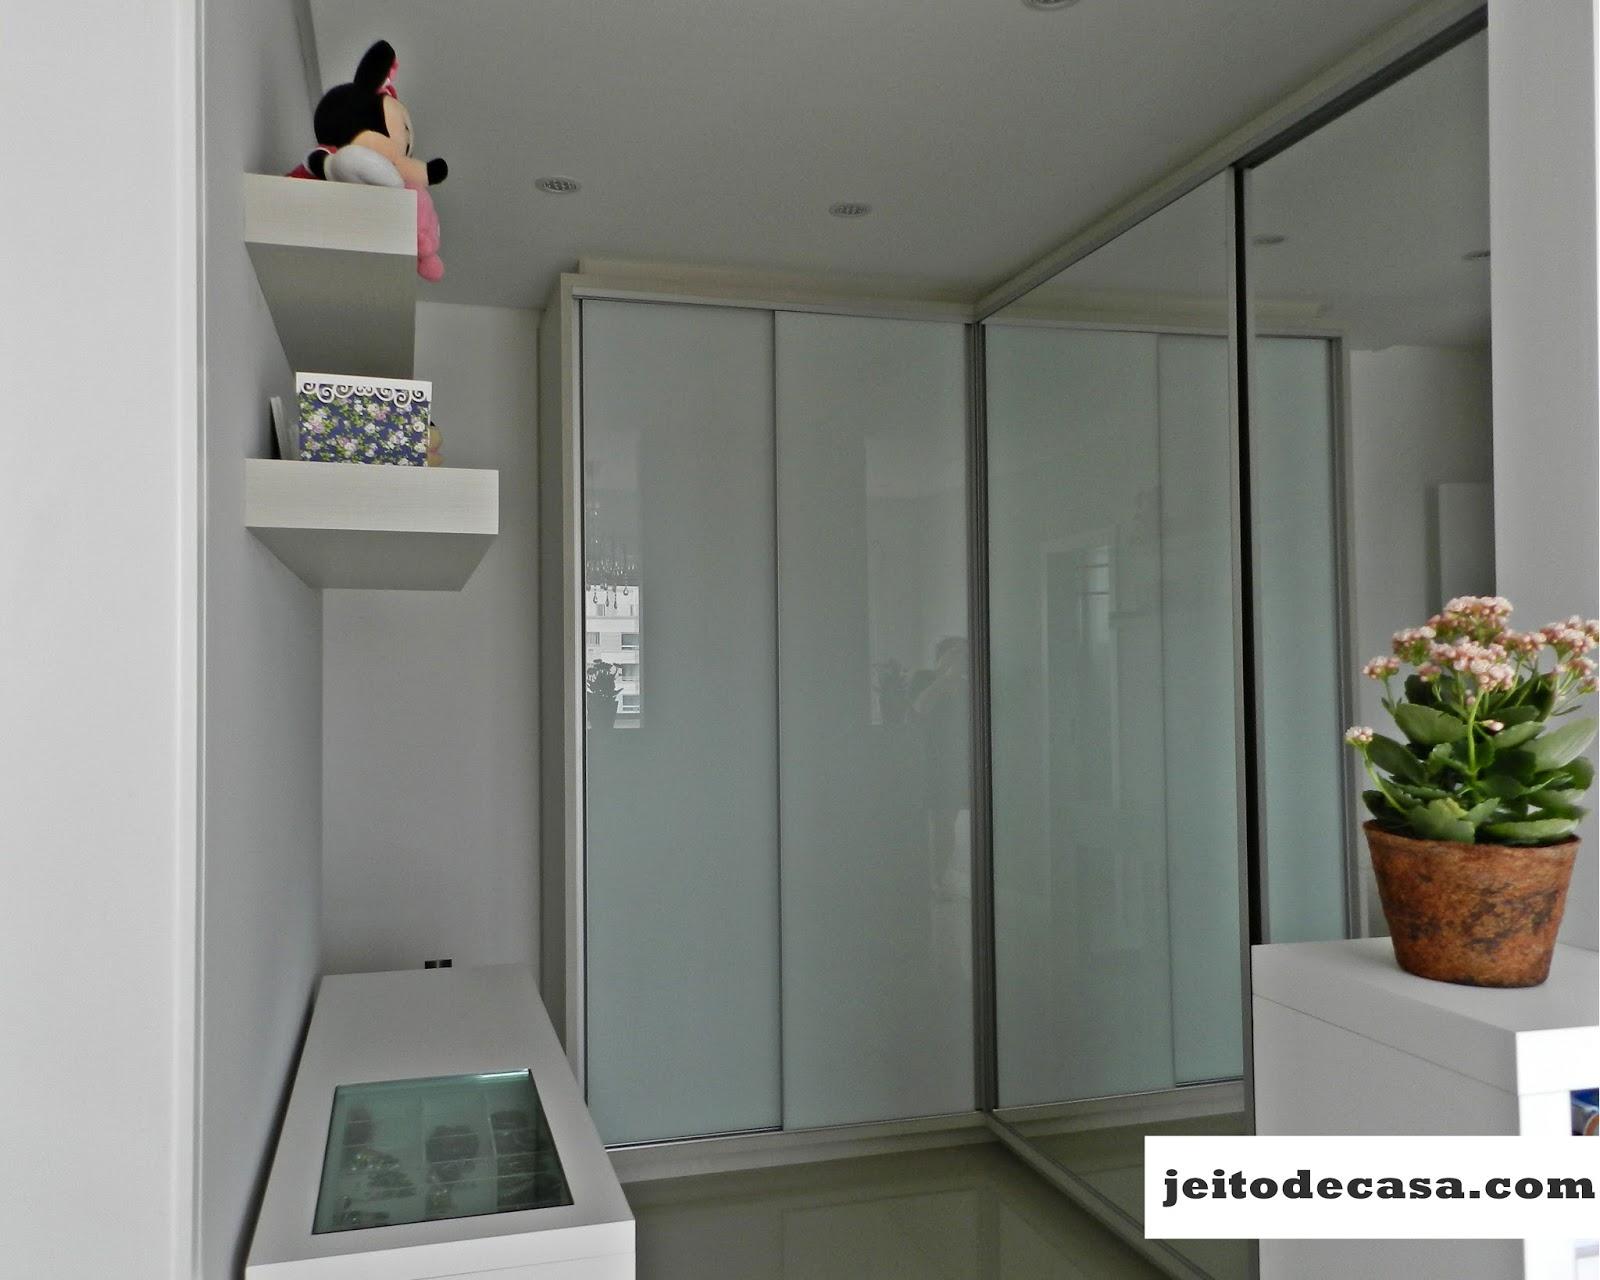 vidro na decoração da minha casa Jeito de Casa Blog de  #6B4128 1600x1280